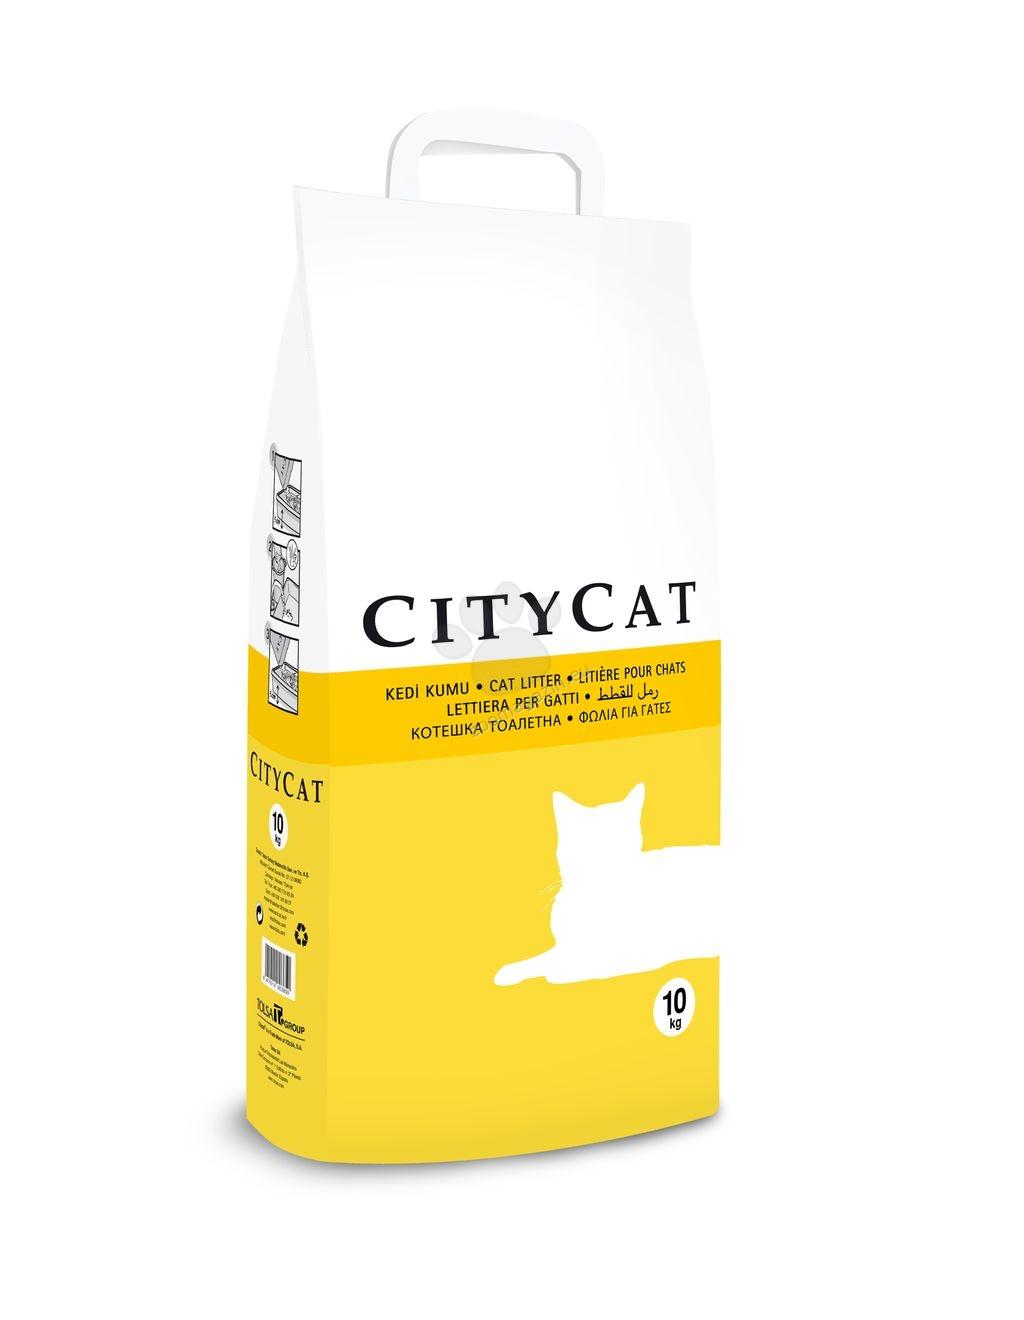 סיטי קט CITY CAT  10 קילוגרם